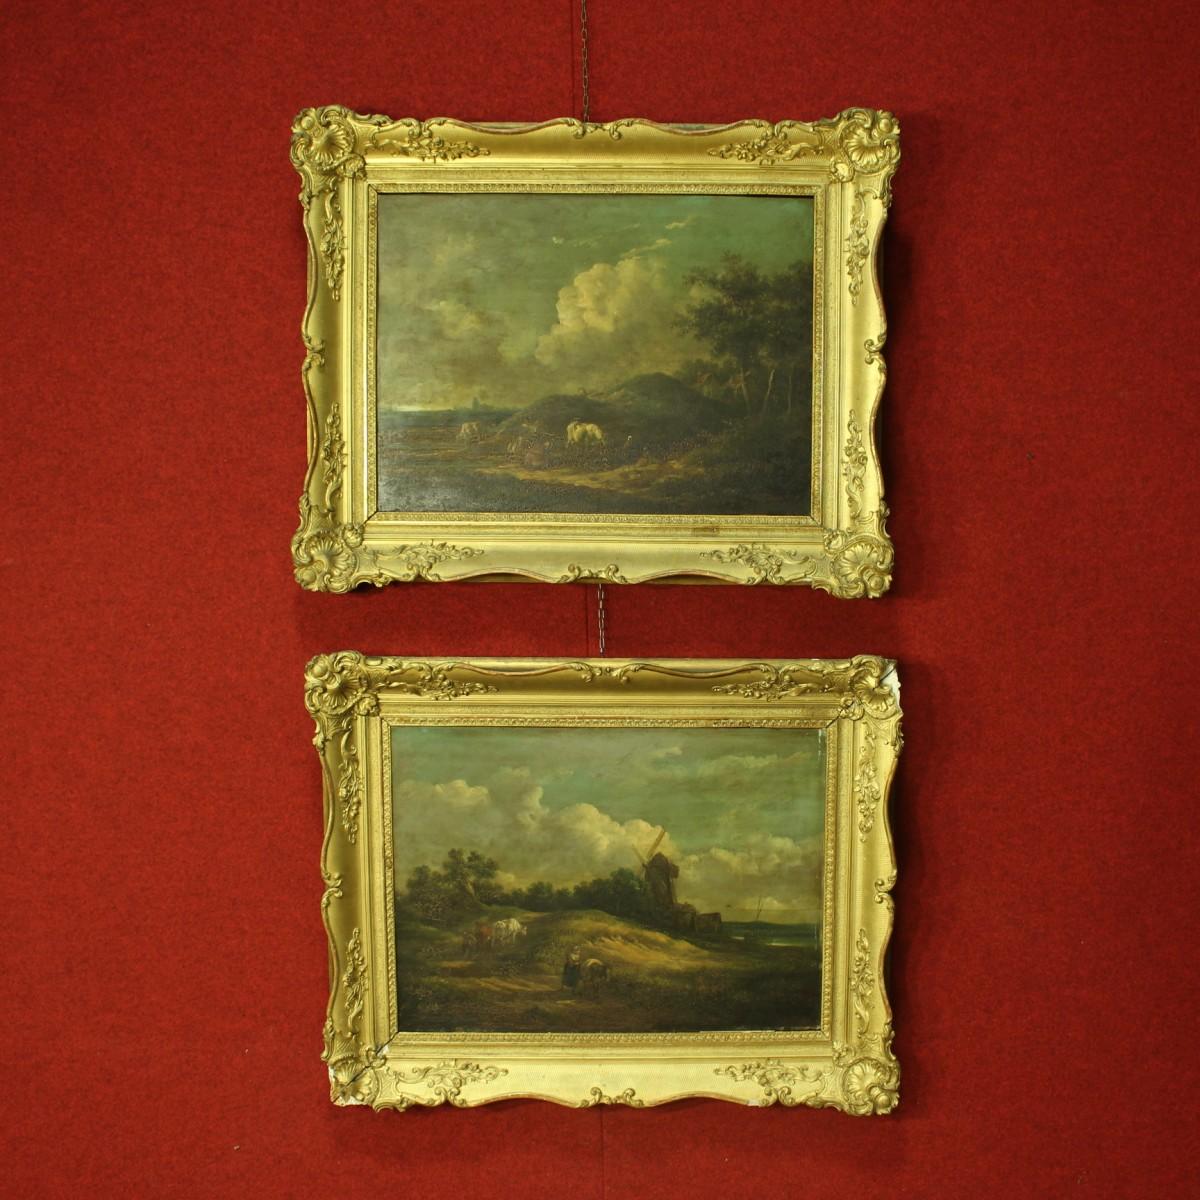 Coppia di quadri raffiguranti paesaggi del XIX secolo